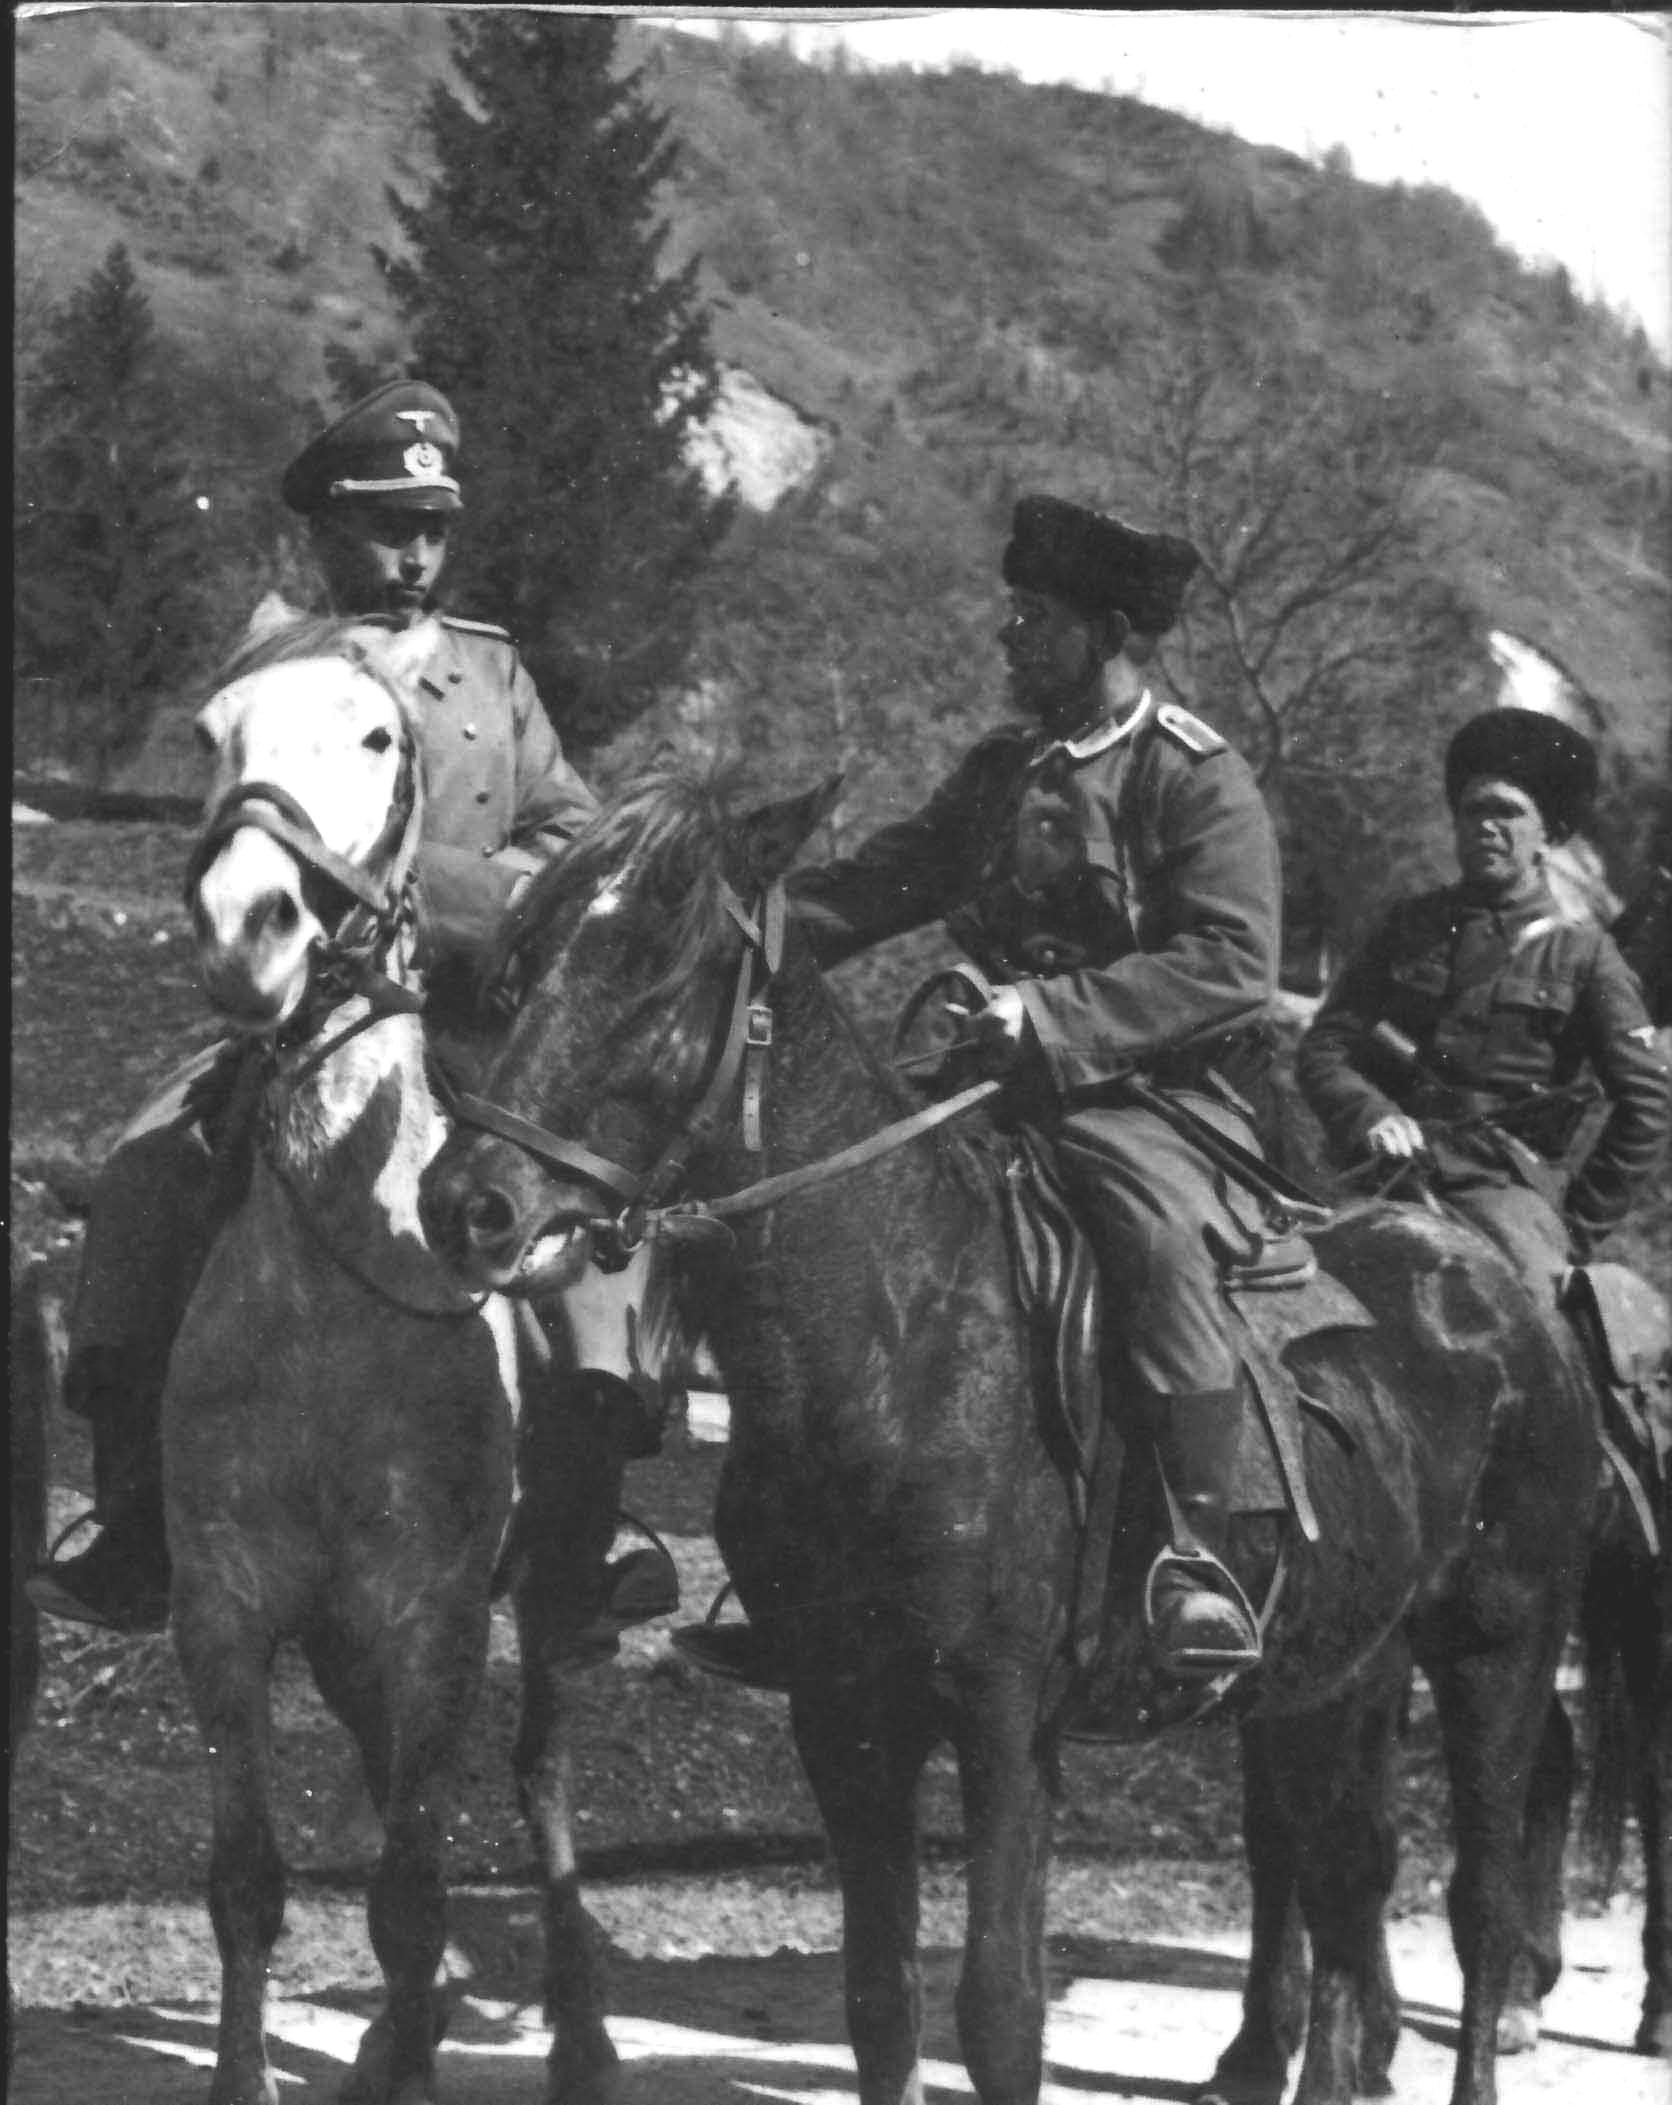 Kaukasen2.jpg